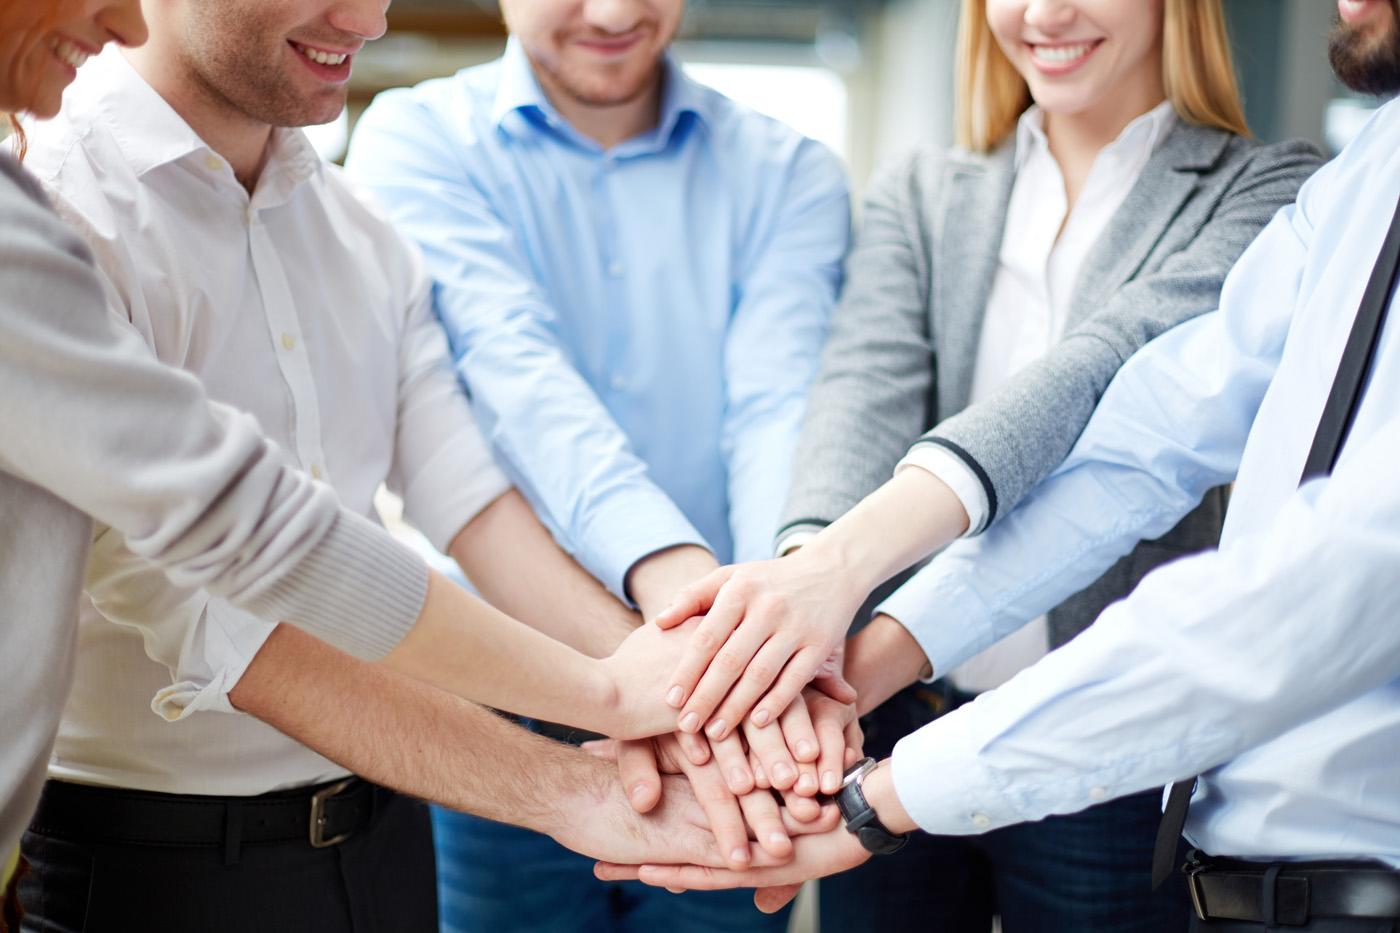 team - positive culture